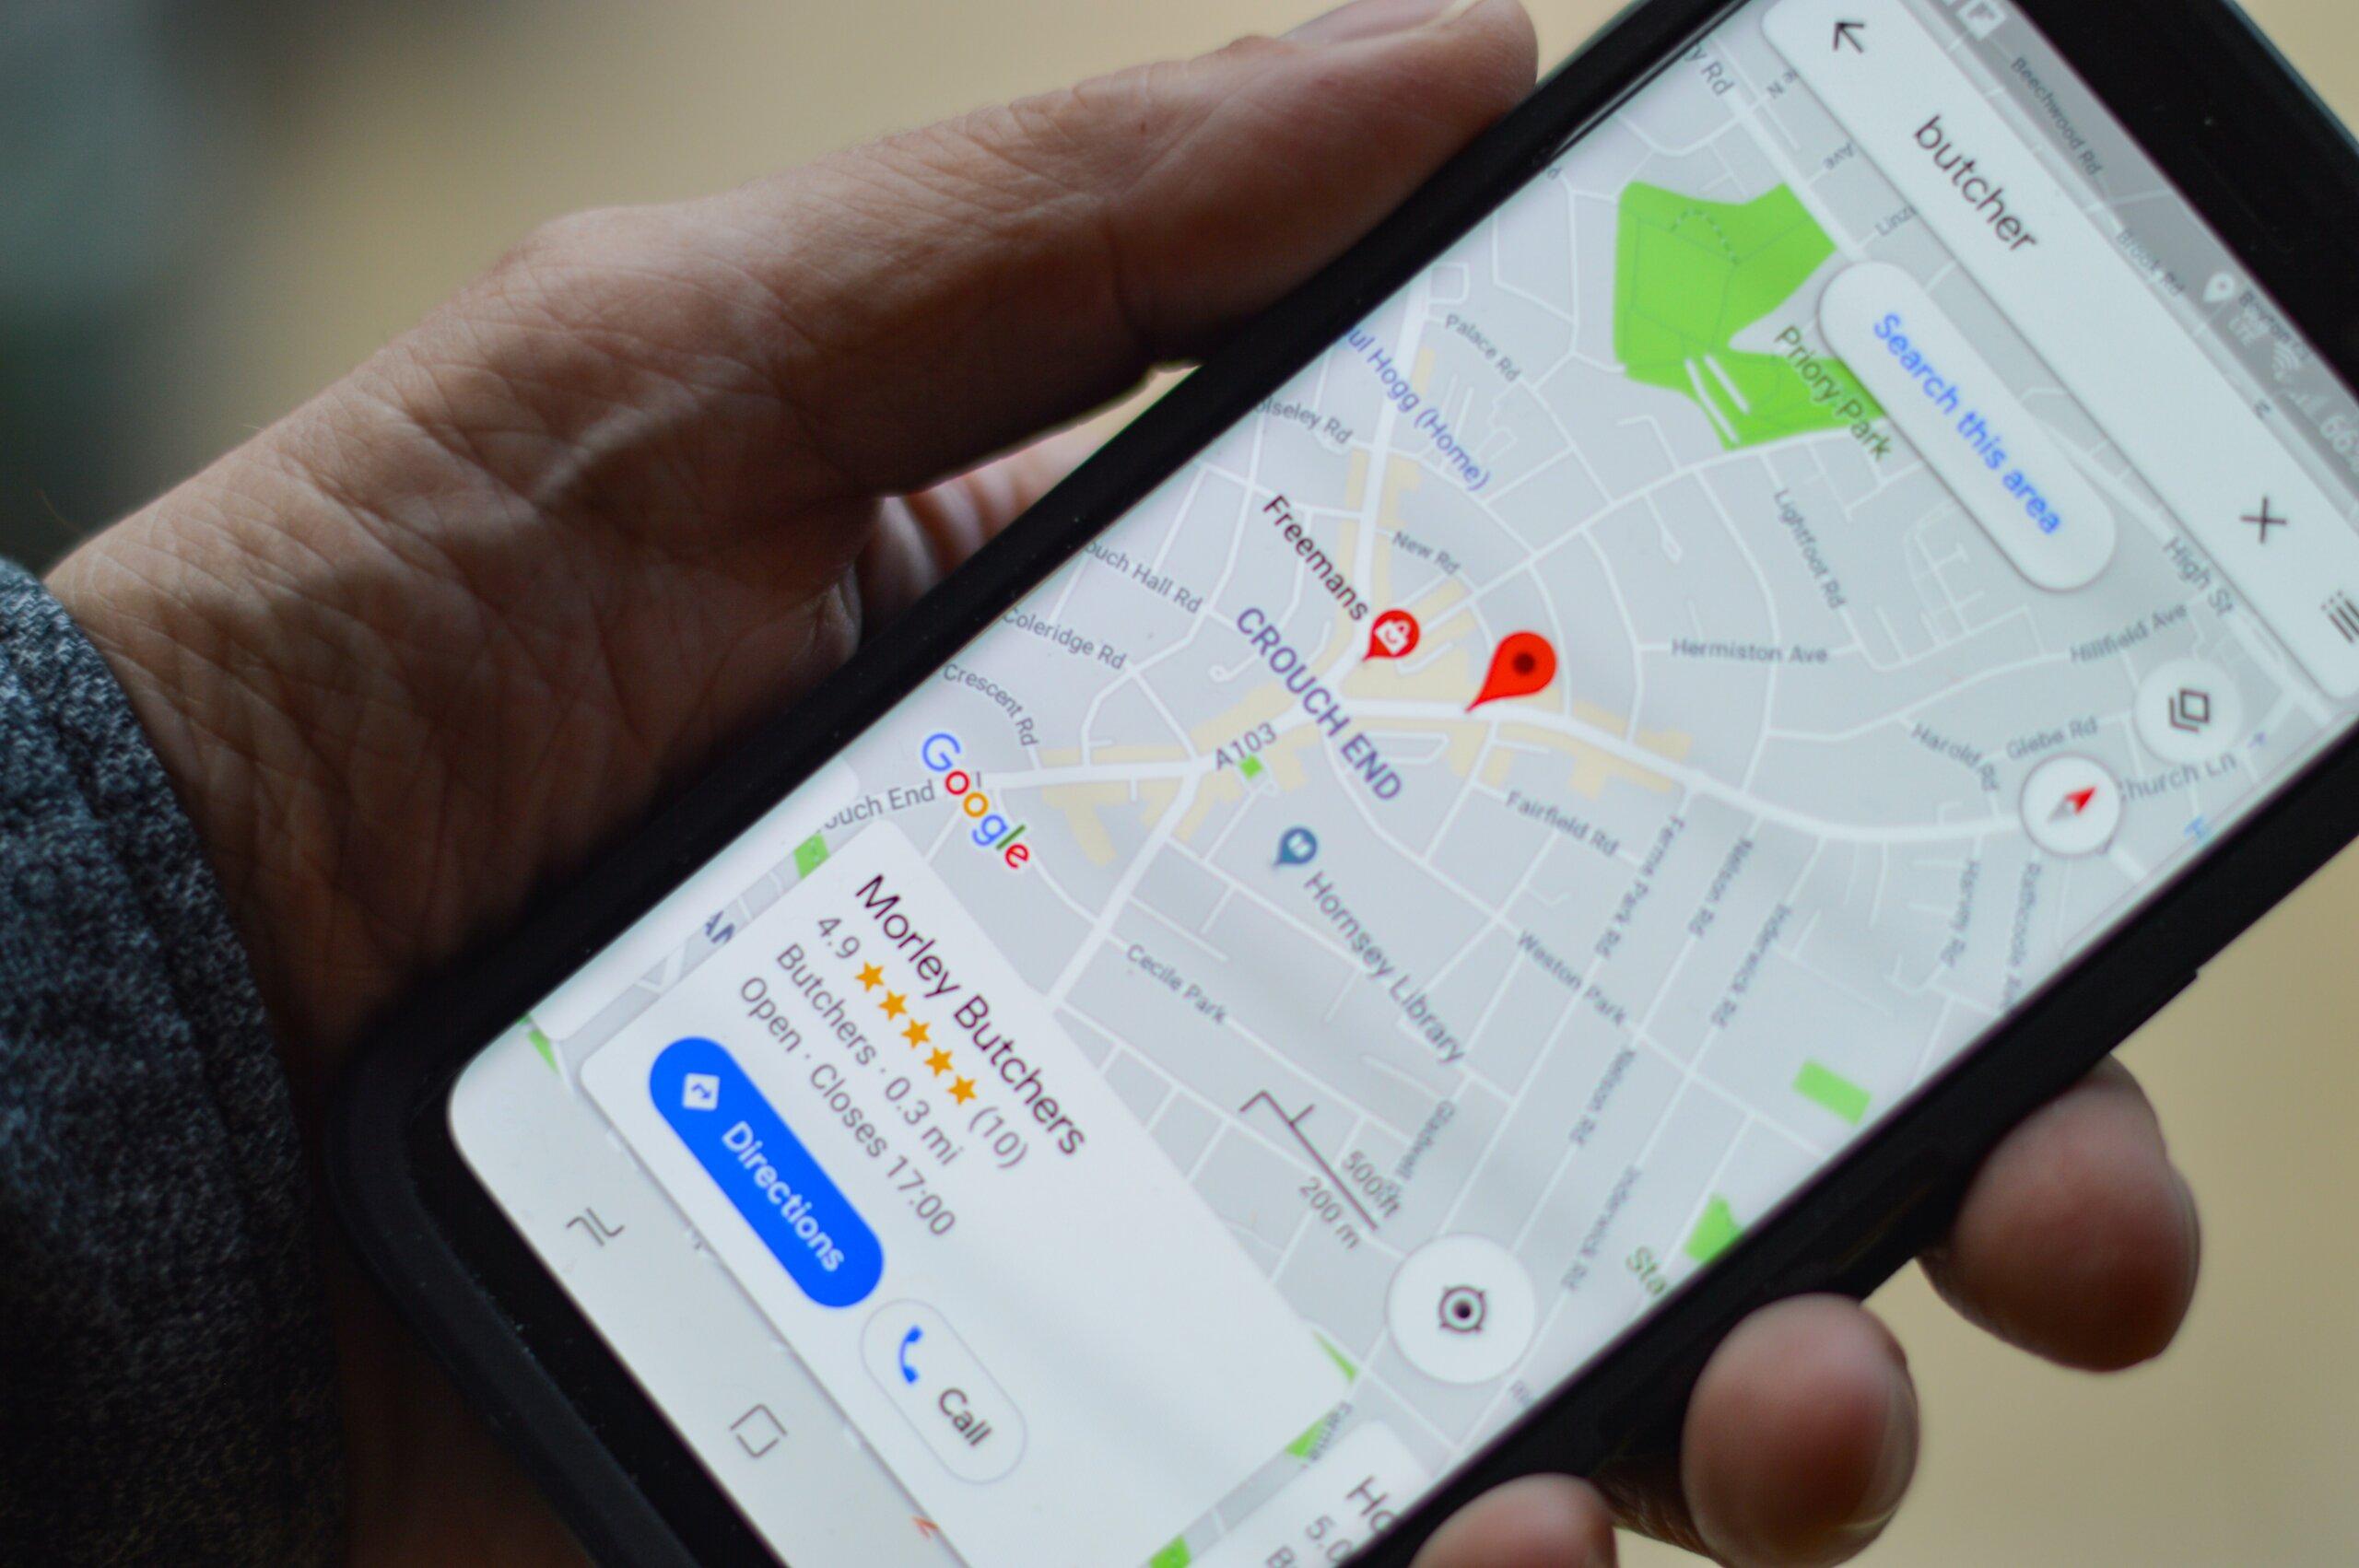 Hướng dẫn sử dụng Google Maps cho team mù đường lạc lối